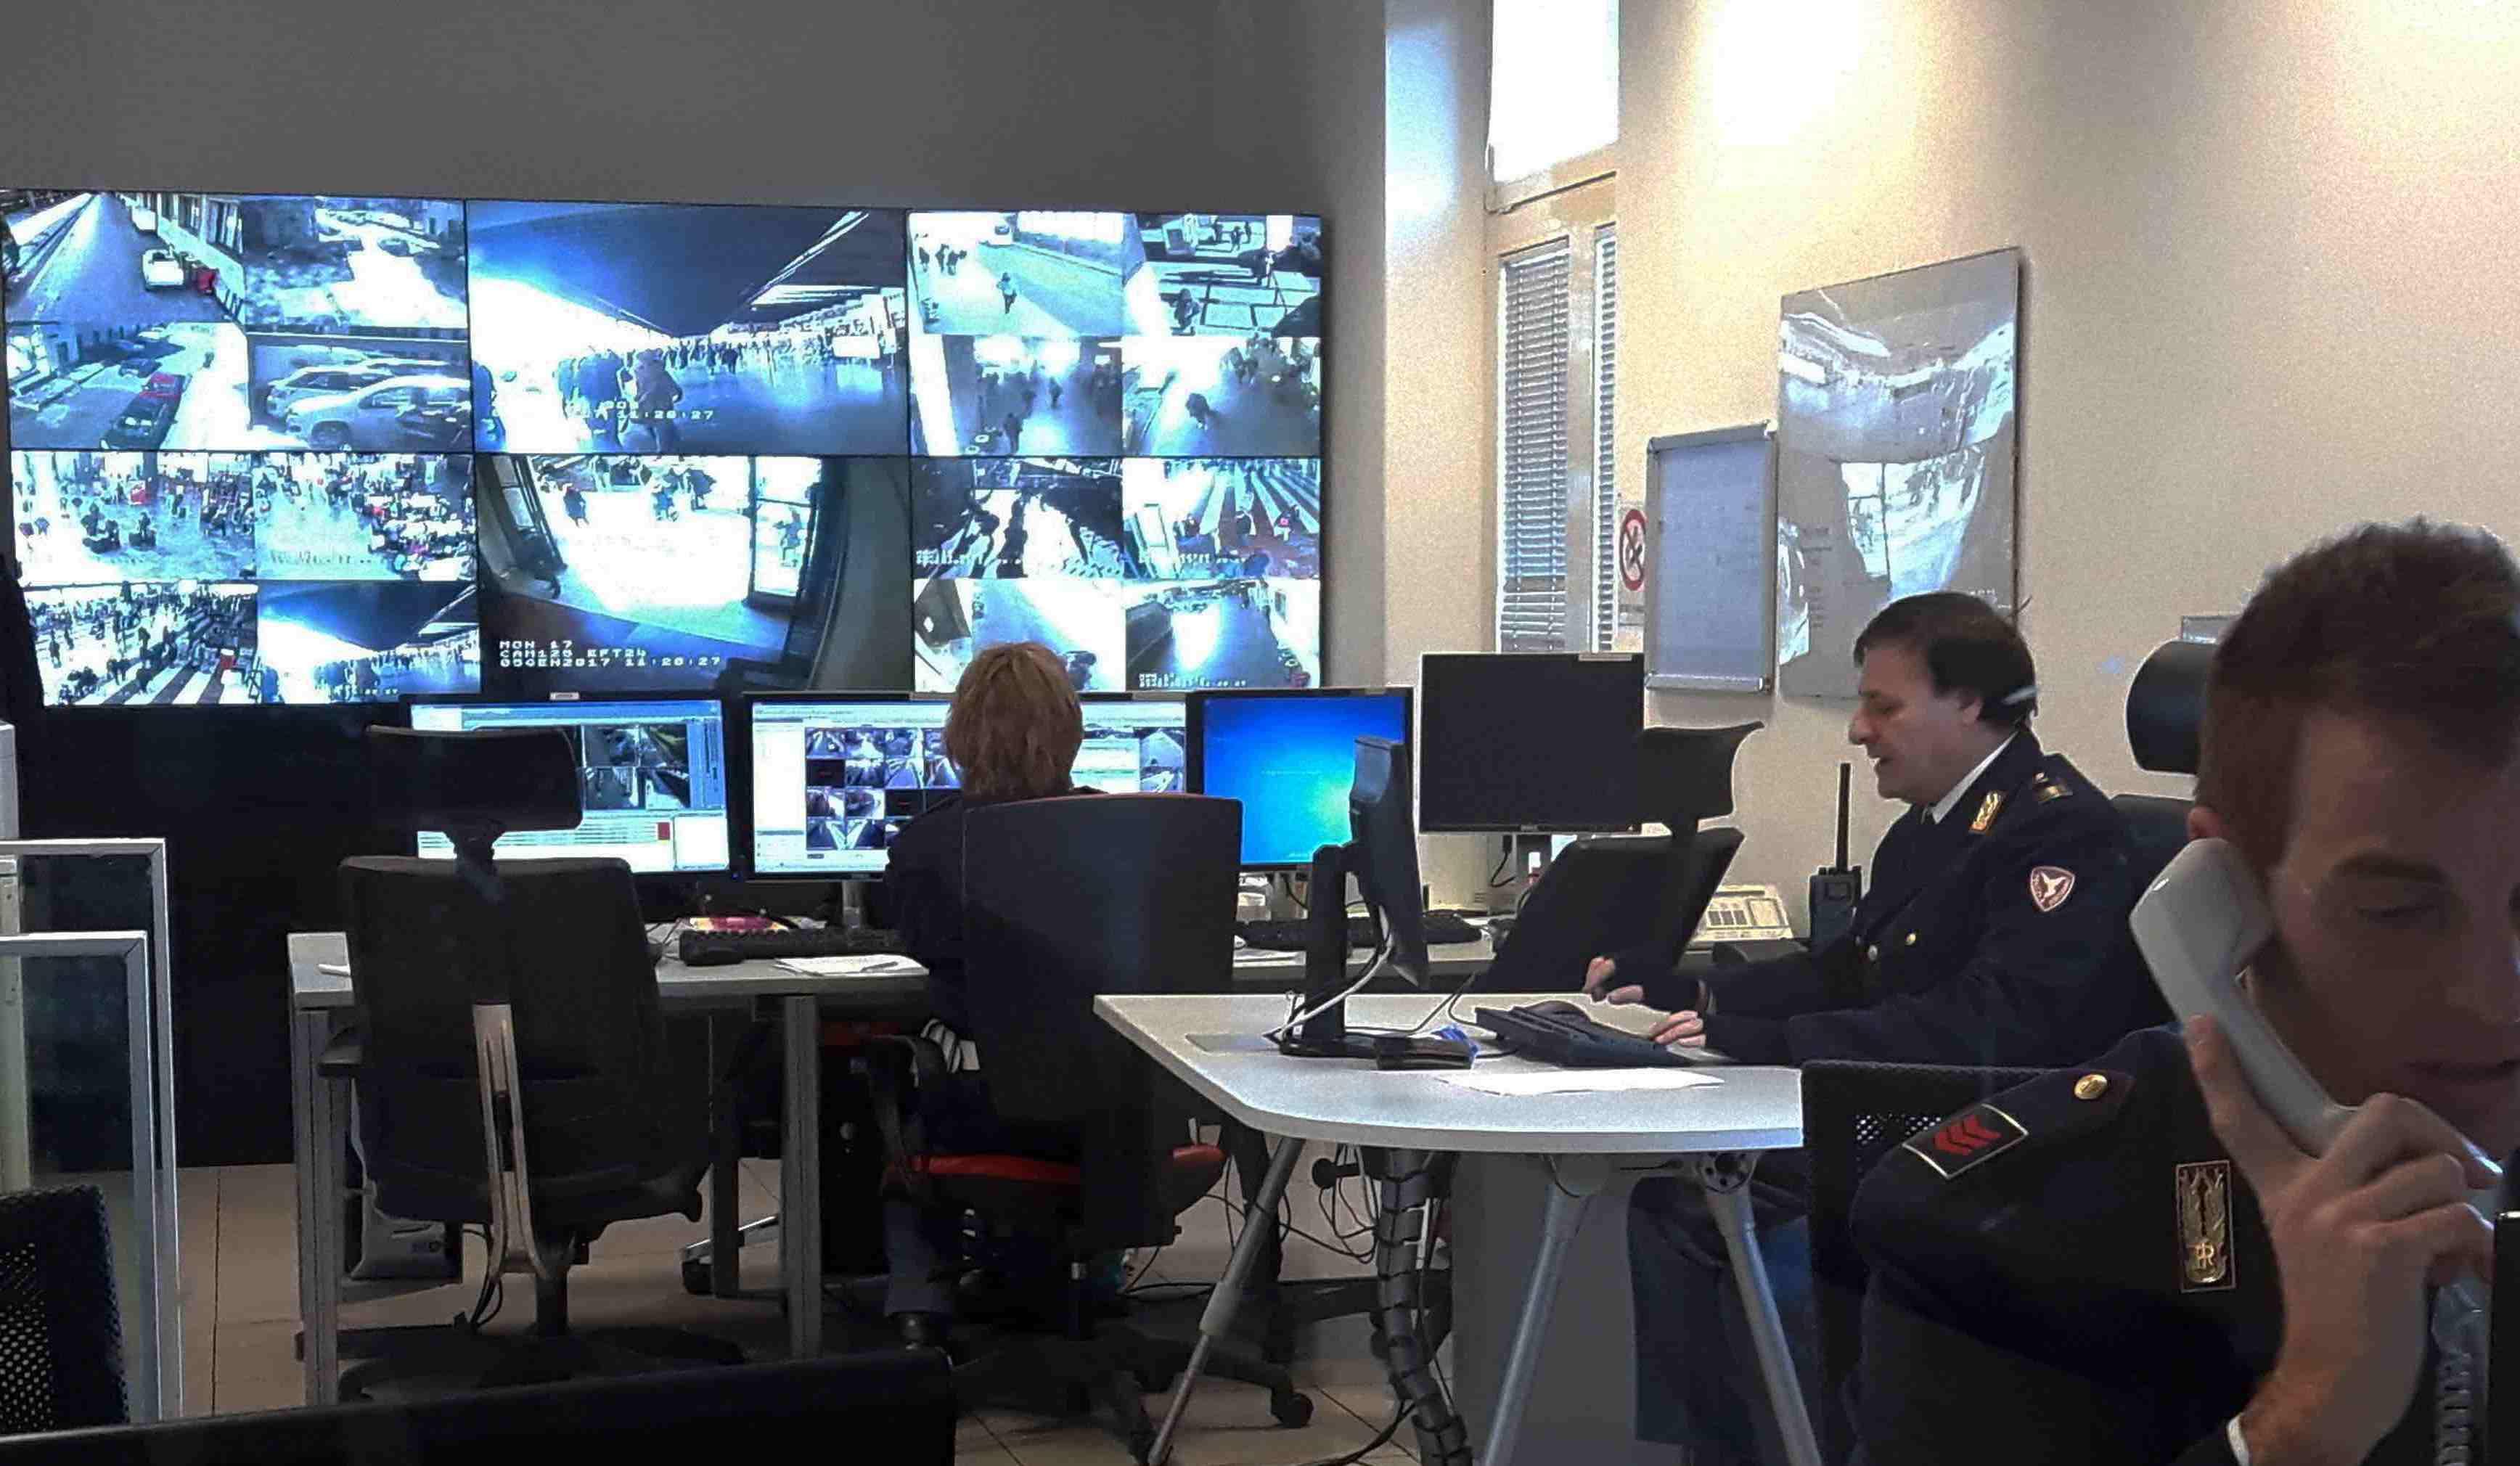 Sicurezza nelle stazioni con monitor Panasonic